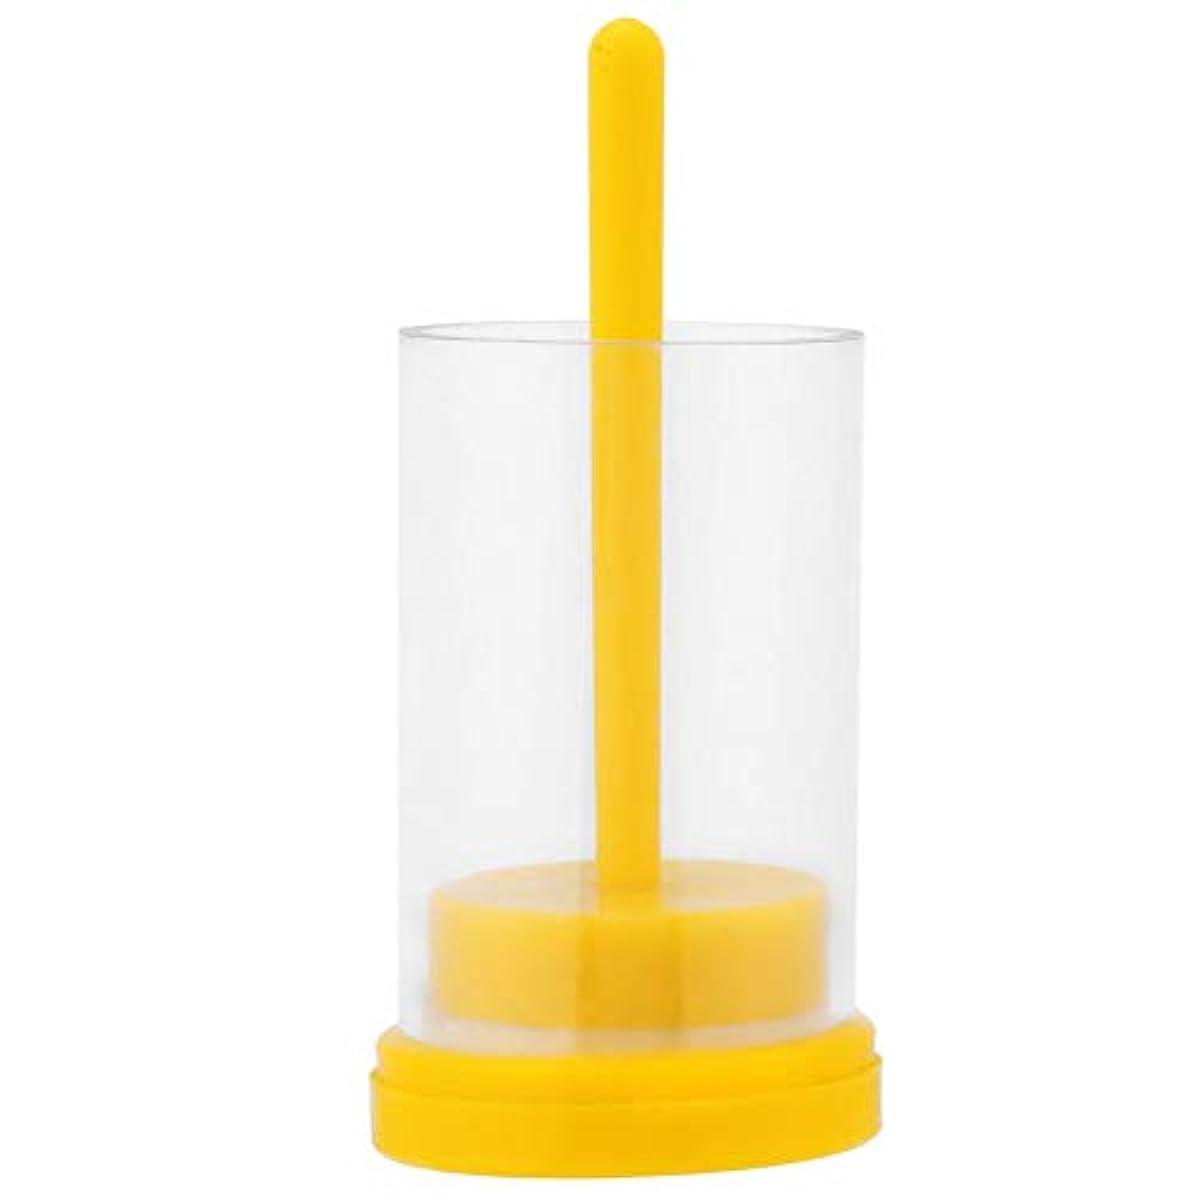 プーノエステートそれぞれクイーンビーマーカー1PC 蜂の巣用 便利なソフトプランジャー付き マーキングケージボトル